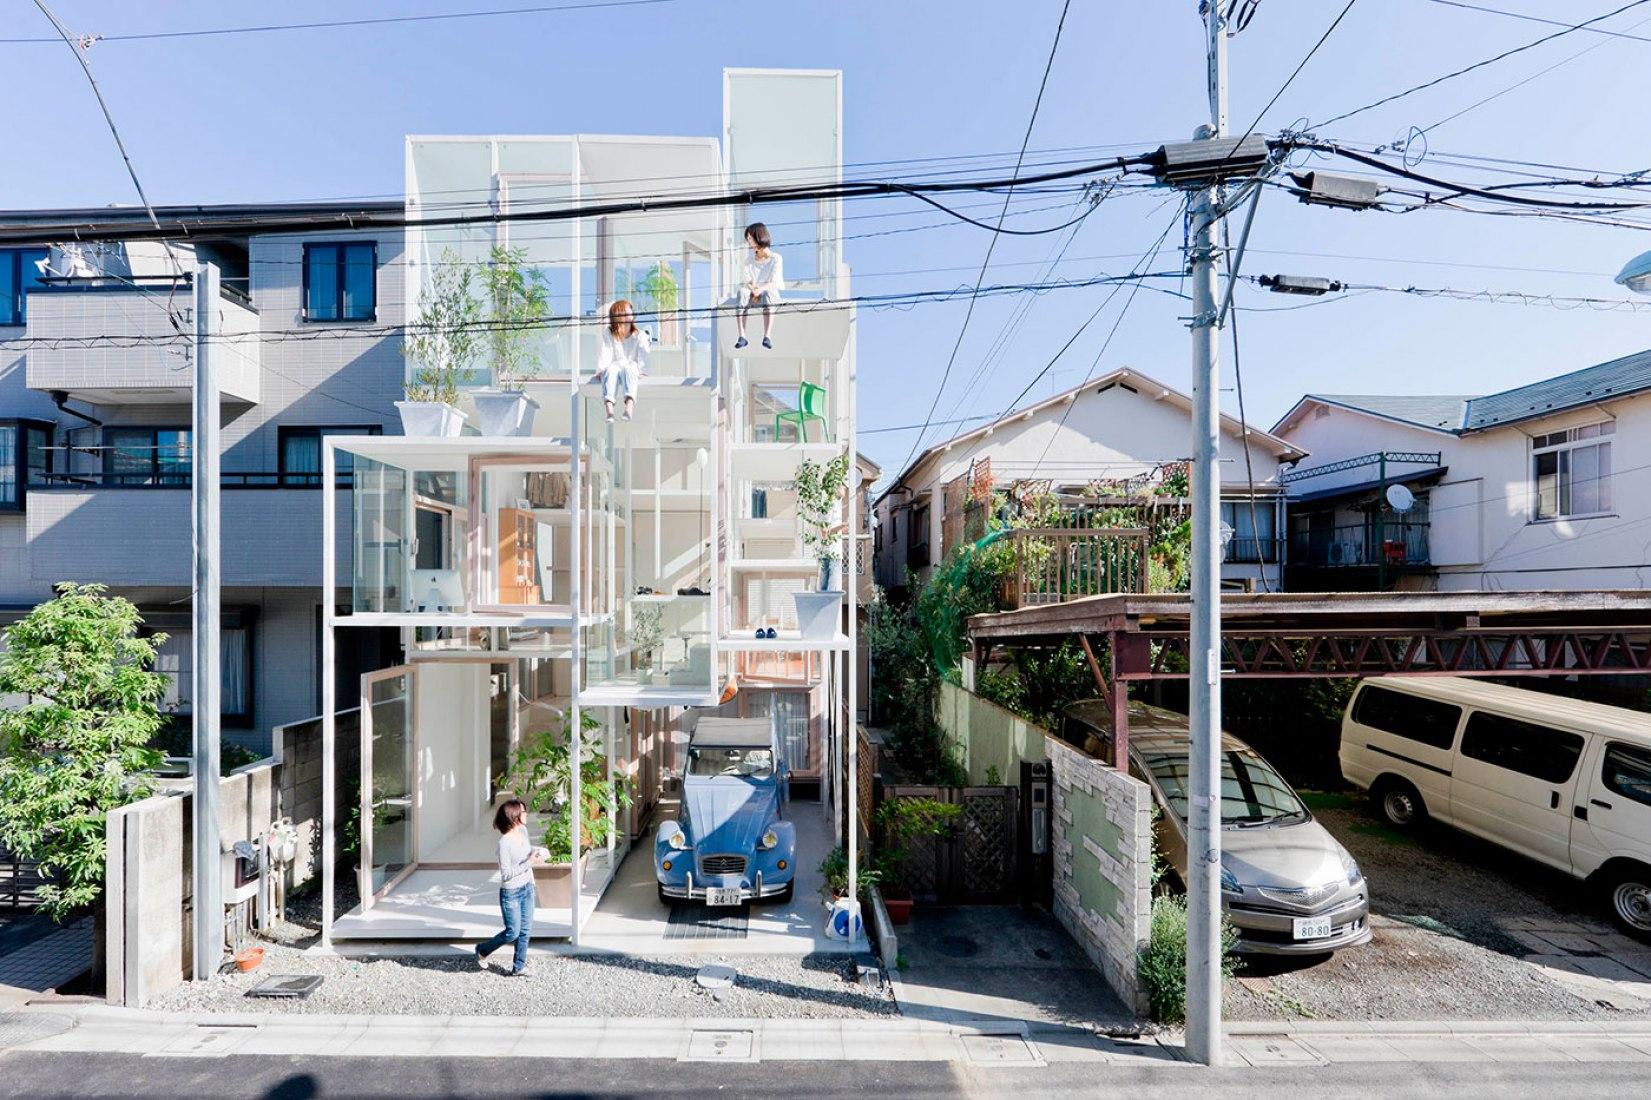 Exterior. Casa NA en Tokio. By Sou Fuijomoto. Fotografía © Iwan Baan